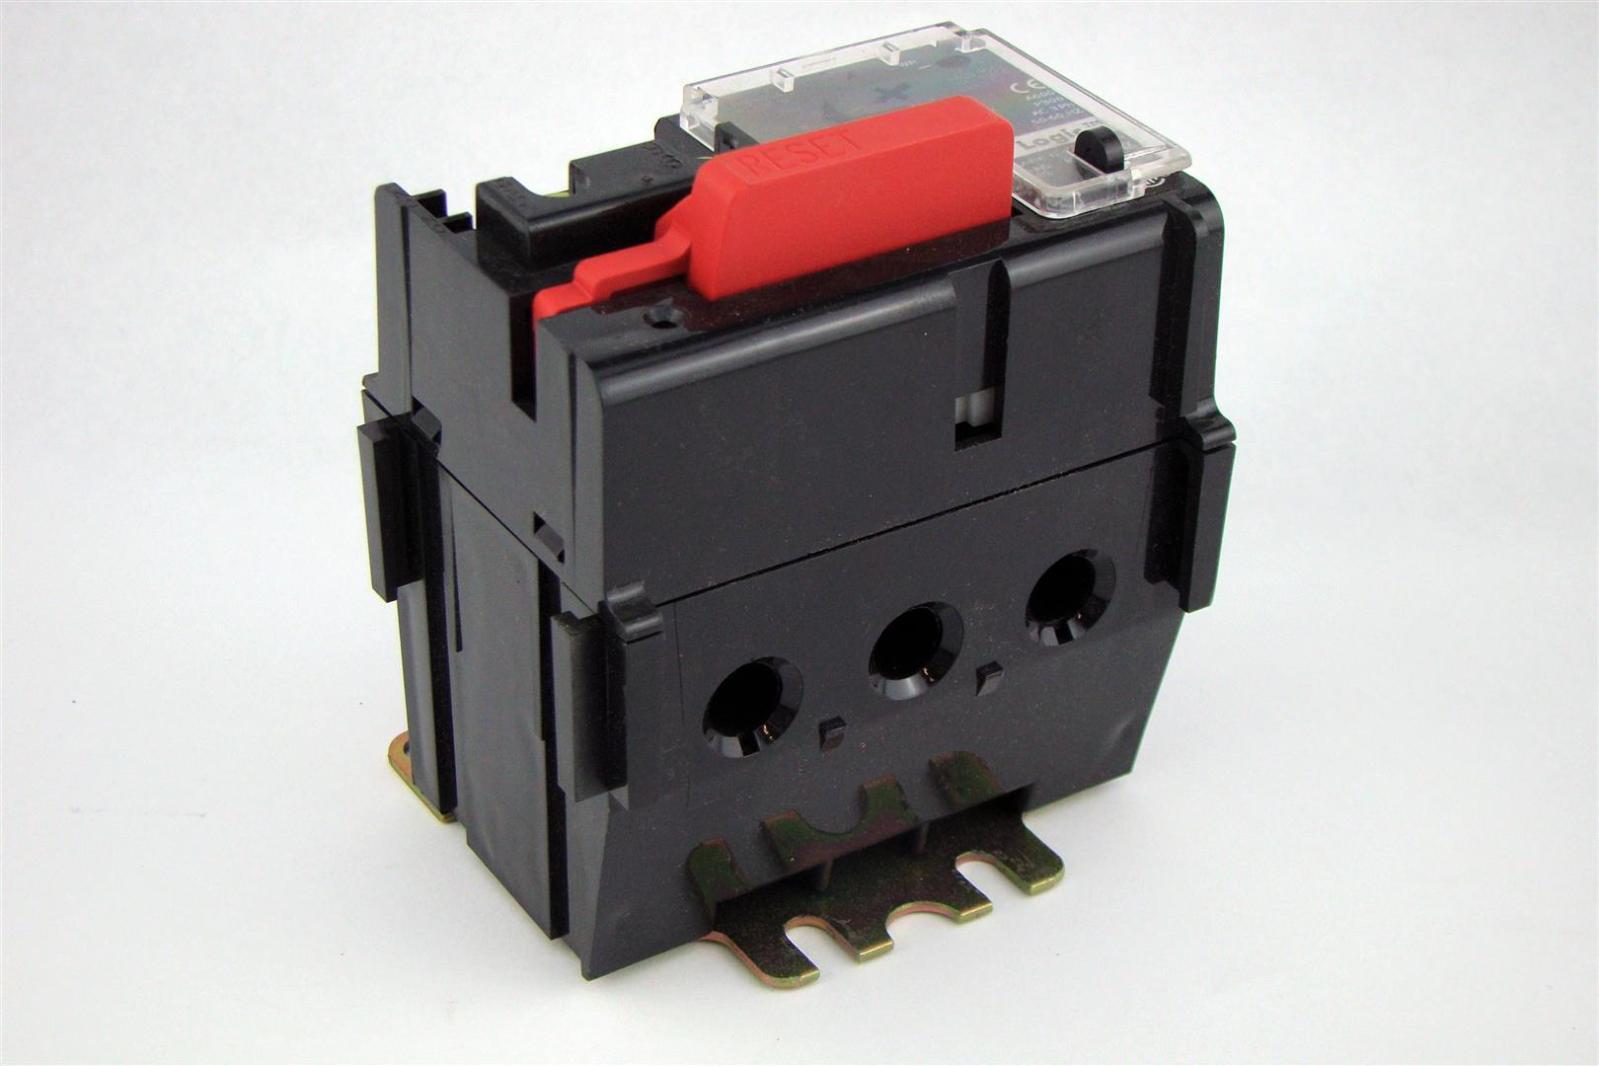 Square D Motor Logic Adjustable Heater Overload For Motor